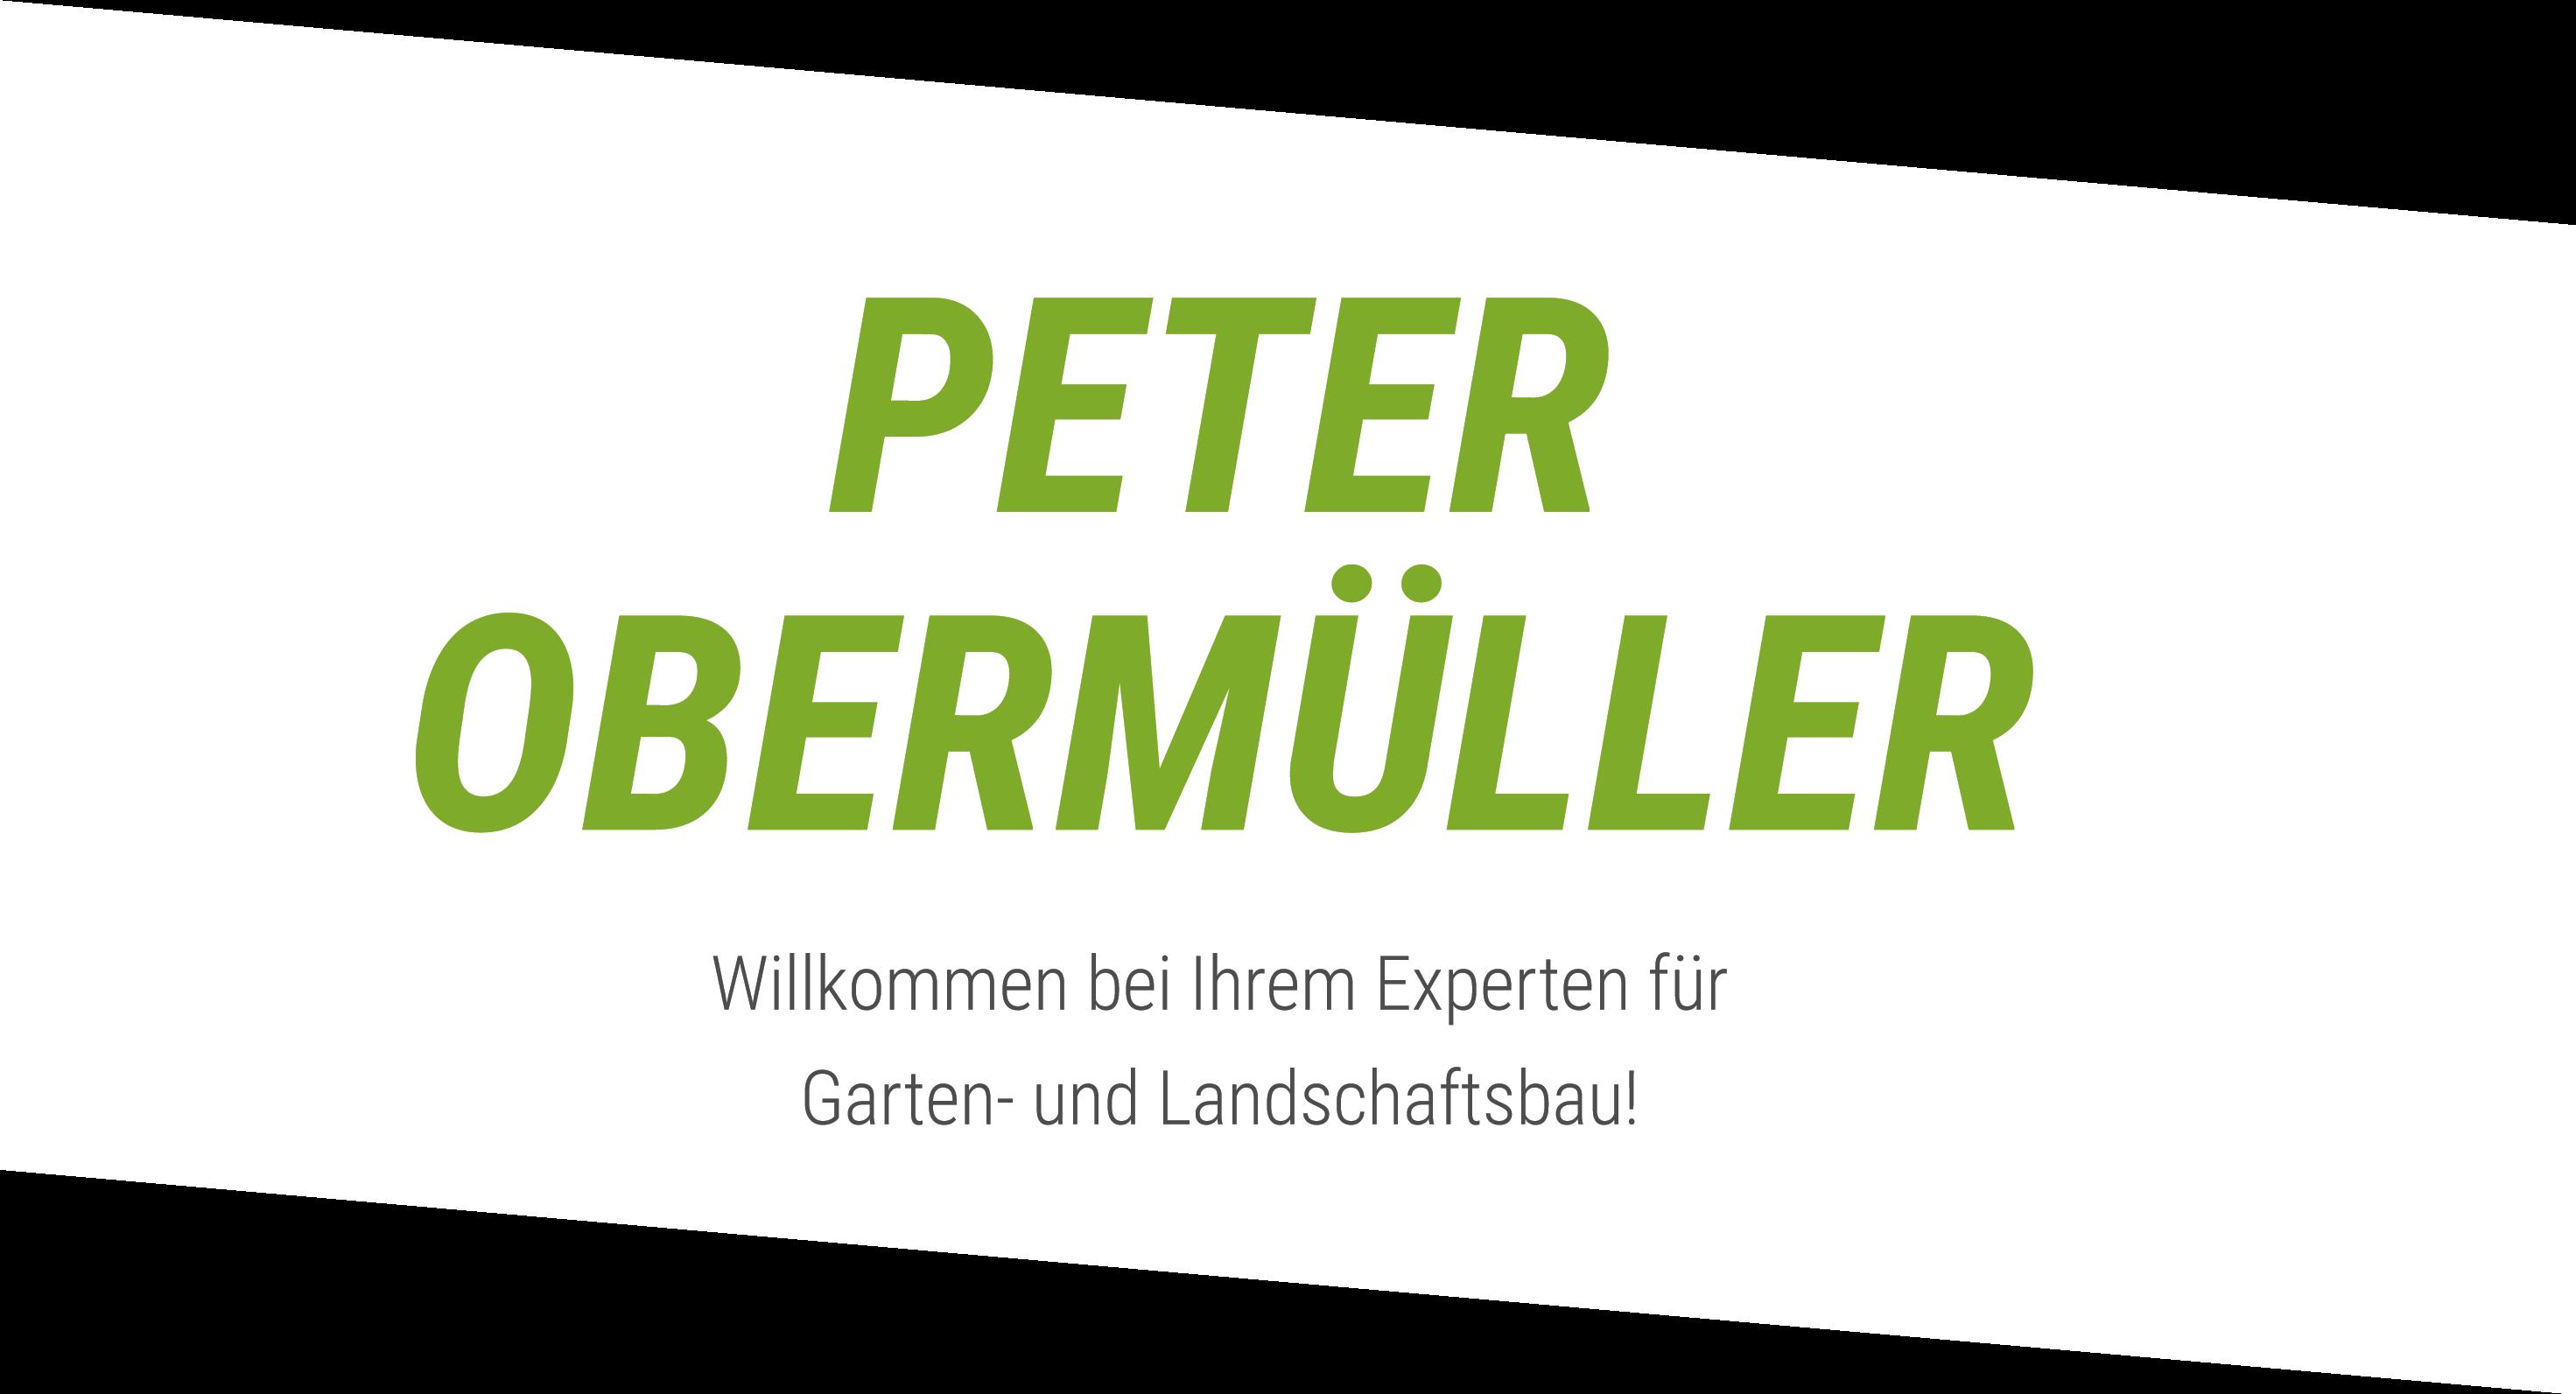 peter oberm ller der experte f r garten und landschaftsbau. Black Bedroom Furniture Sets. Home Design Ideas